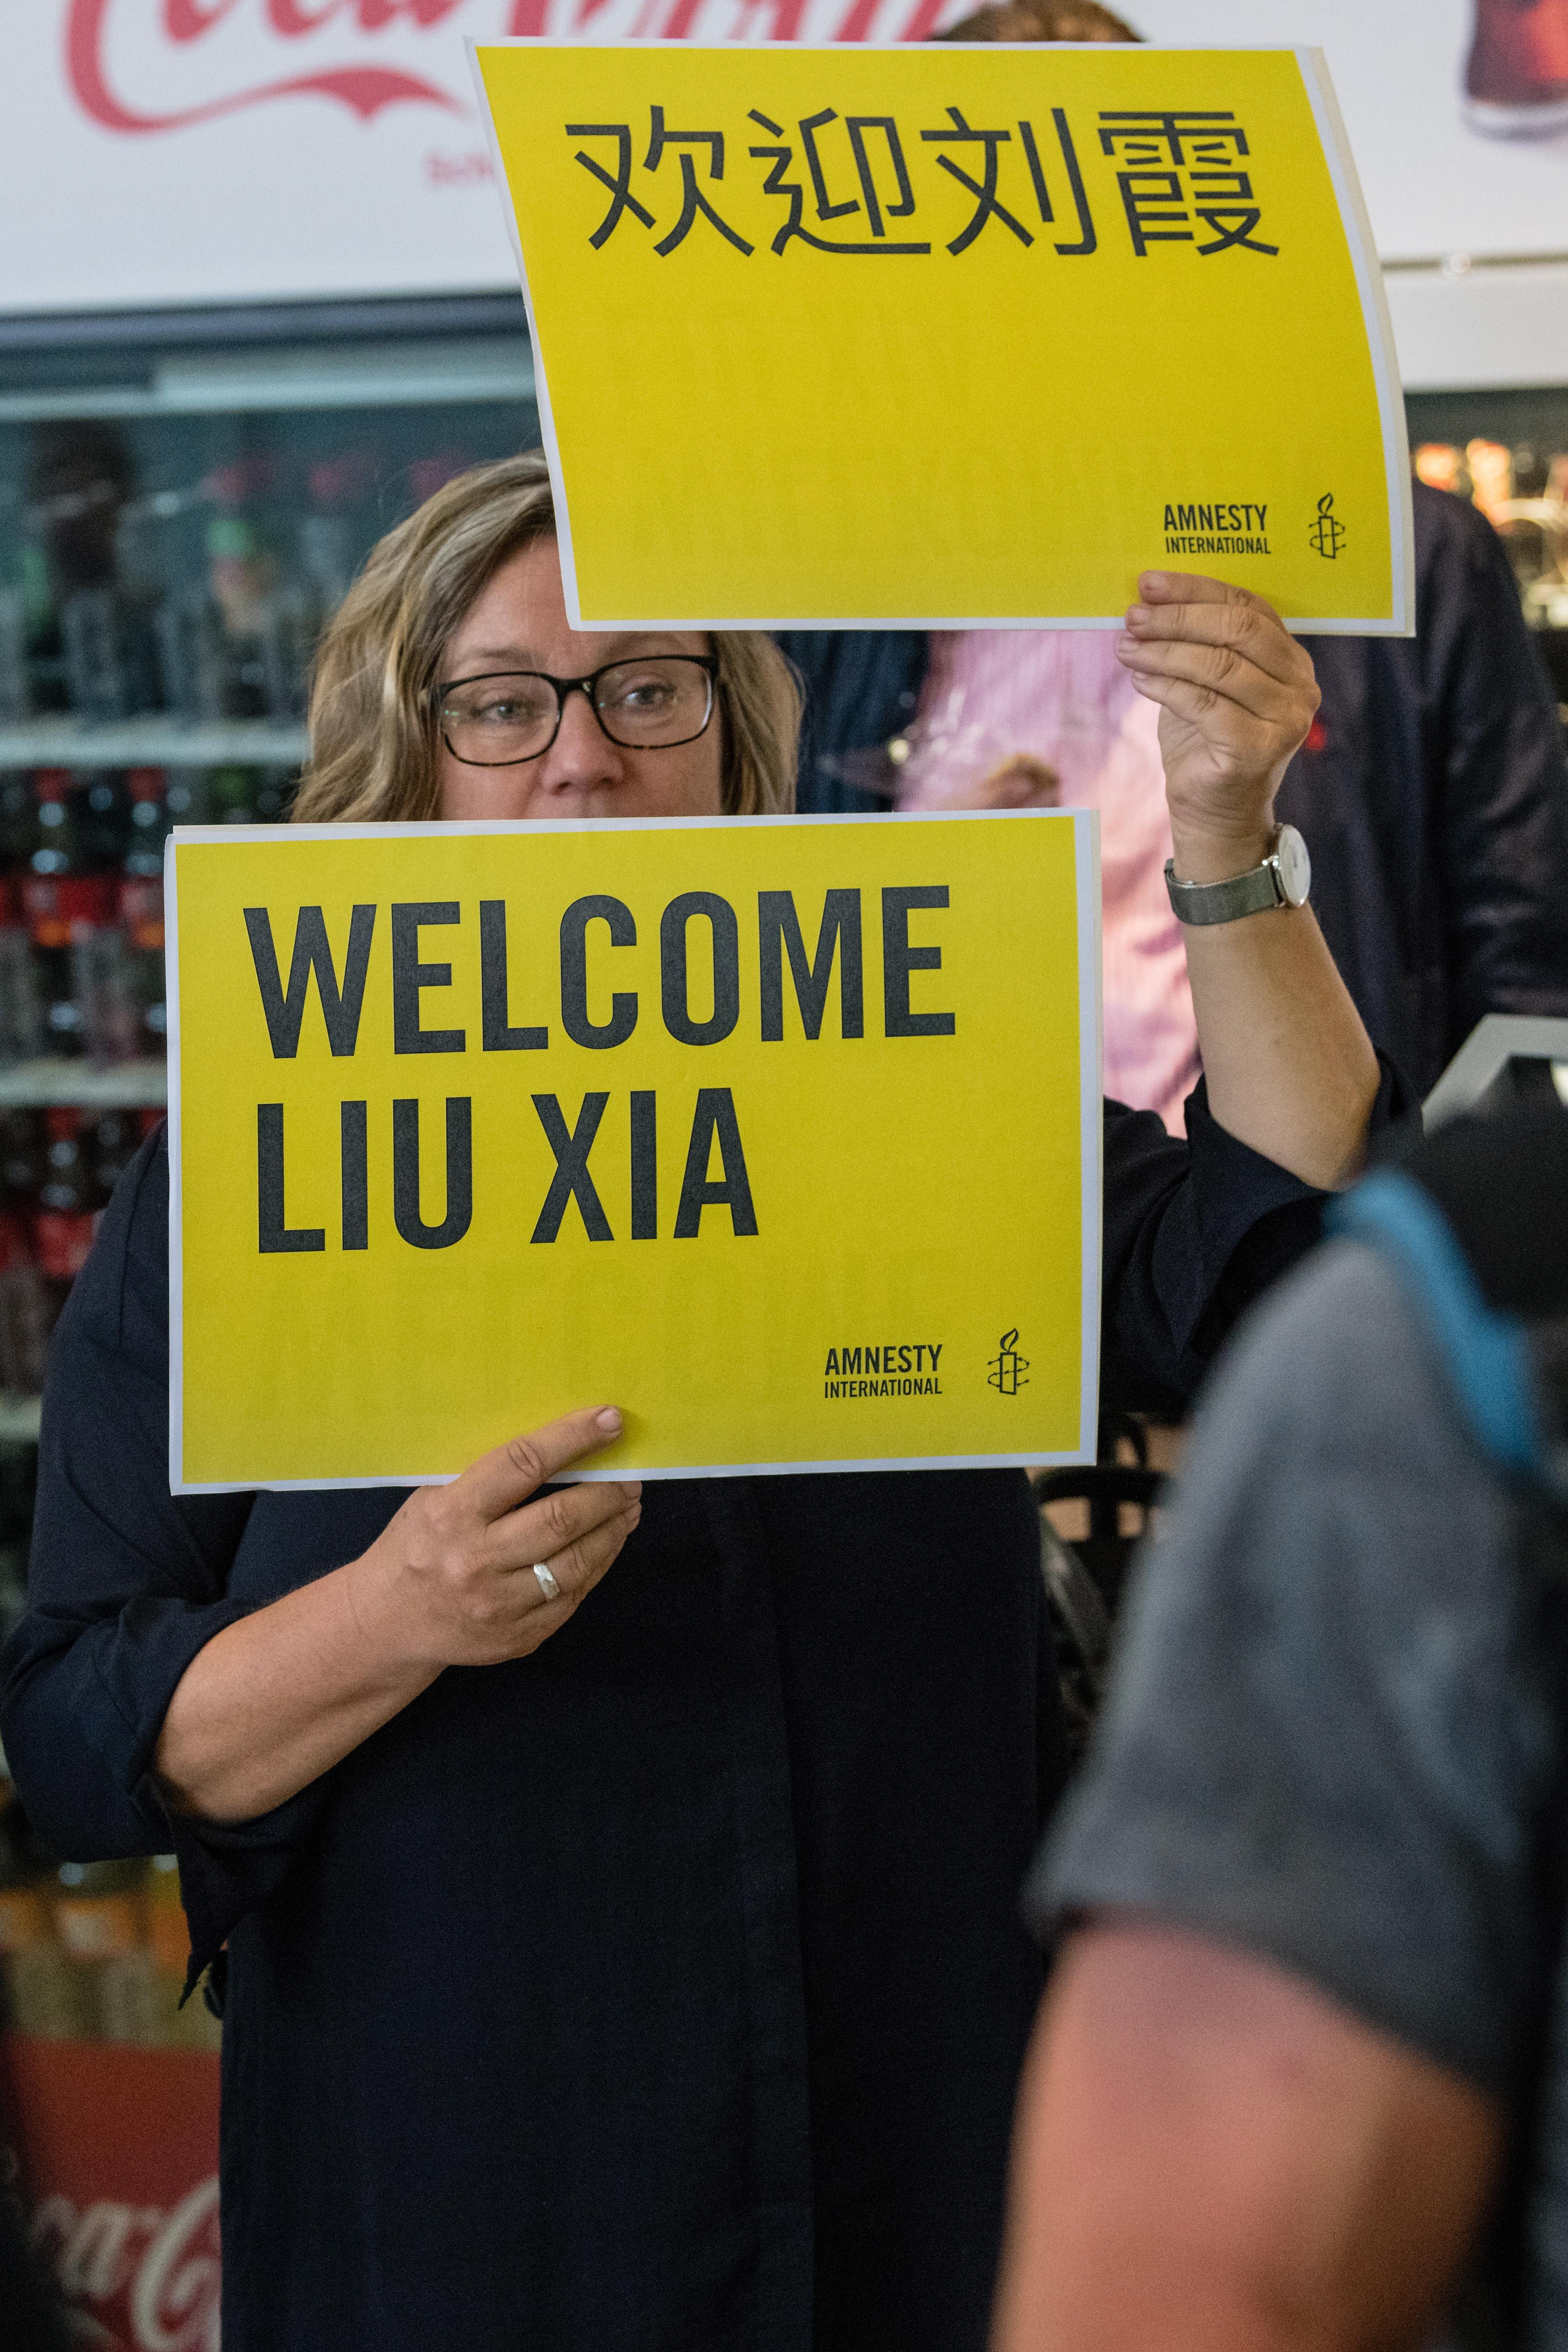 聞訊前往柏林機場迎接劉霞的民眾,舉著歡迎的標語牌,卻撲了個空。(歐新社)